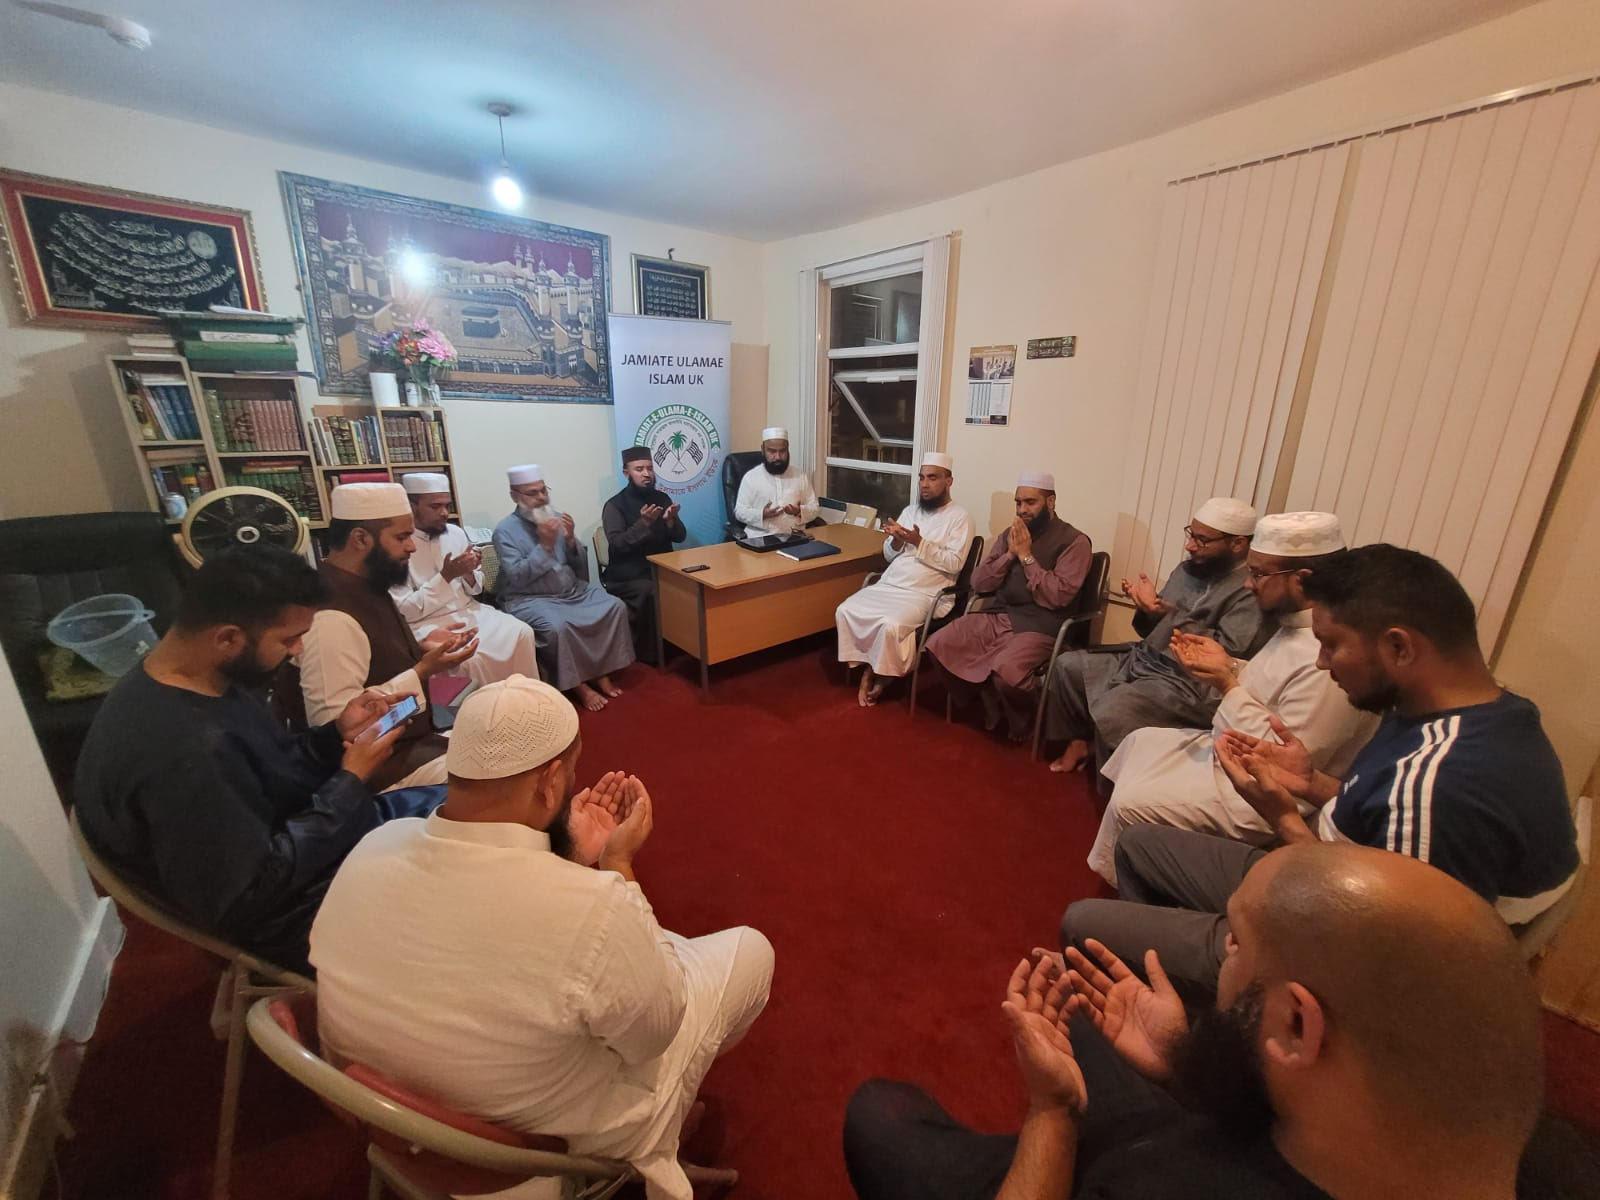 লন্ডনে আল্লামা মুফতি আবদুস সালাম চাটগামী (রাহঃ) স্মরণে আলোচনা সভা ও দোয়া মাহফিল অনুষ্ঠিত